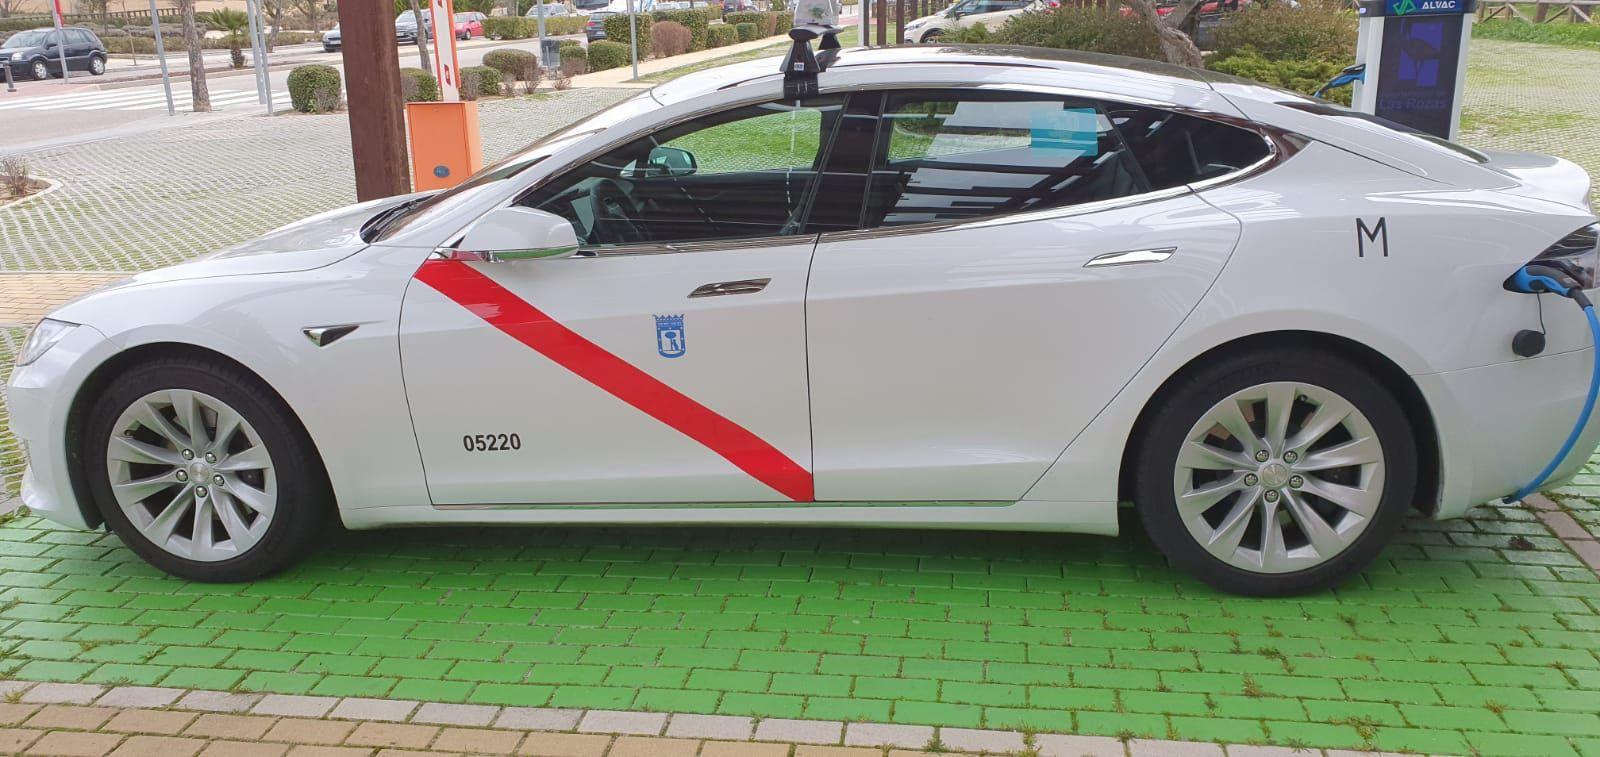 Calidad y lujo en tu taxi Las Matas: Llama y reserva tu servicio de taxi disfrutando de un servicio de calidad y lujo con un taxi Tesla.